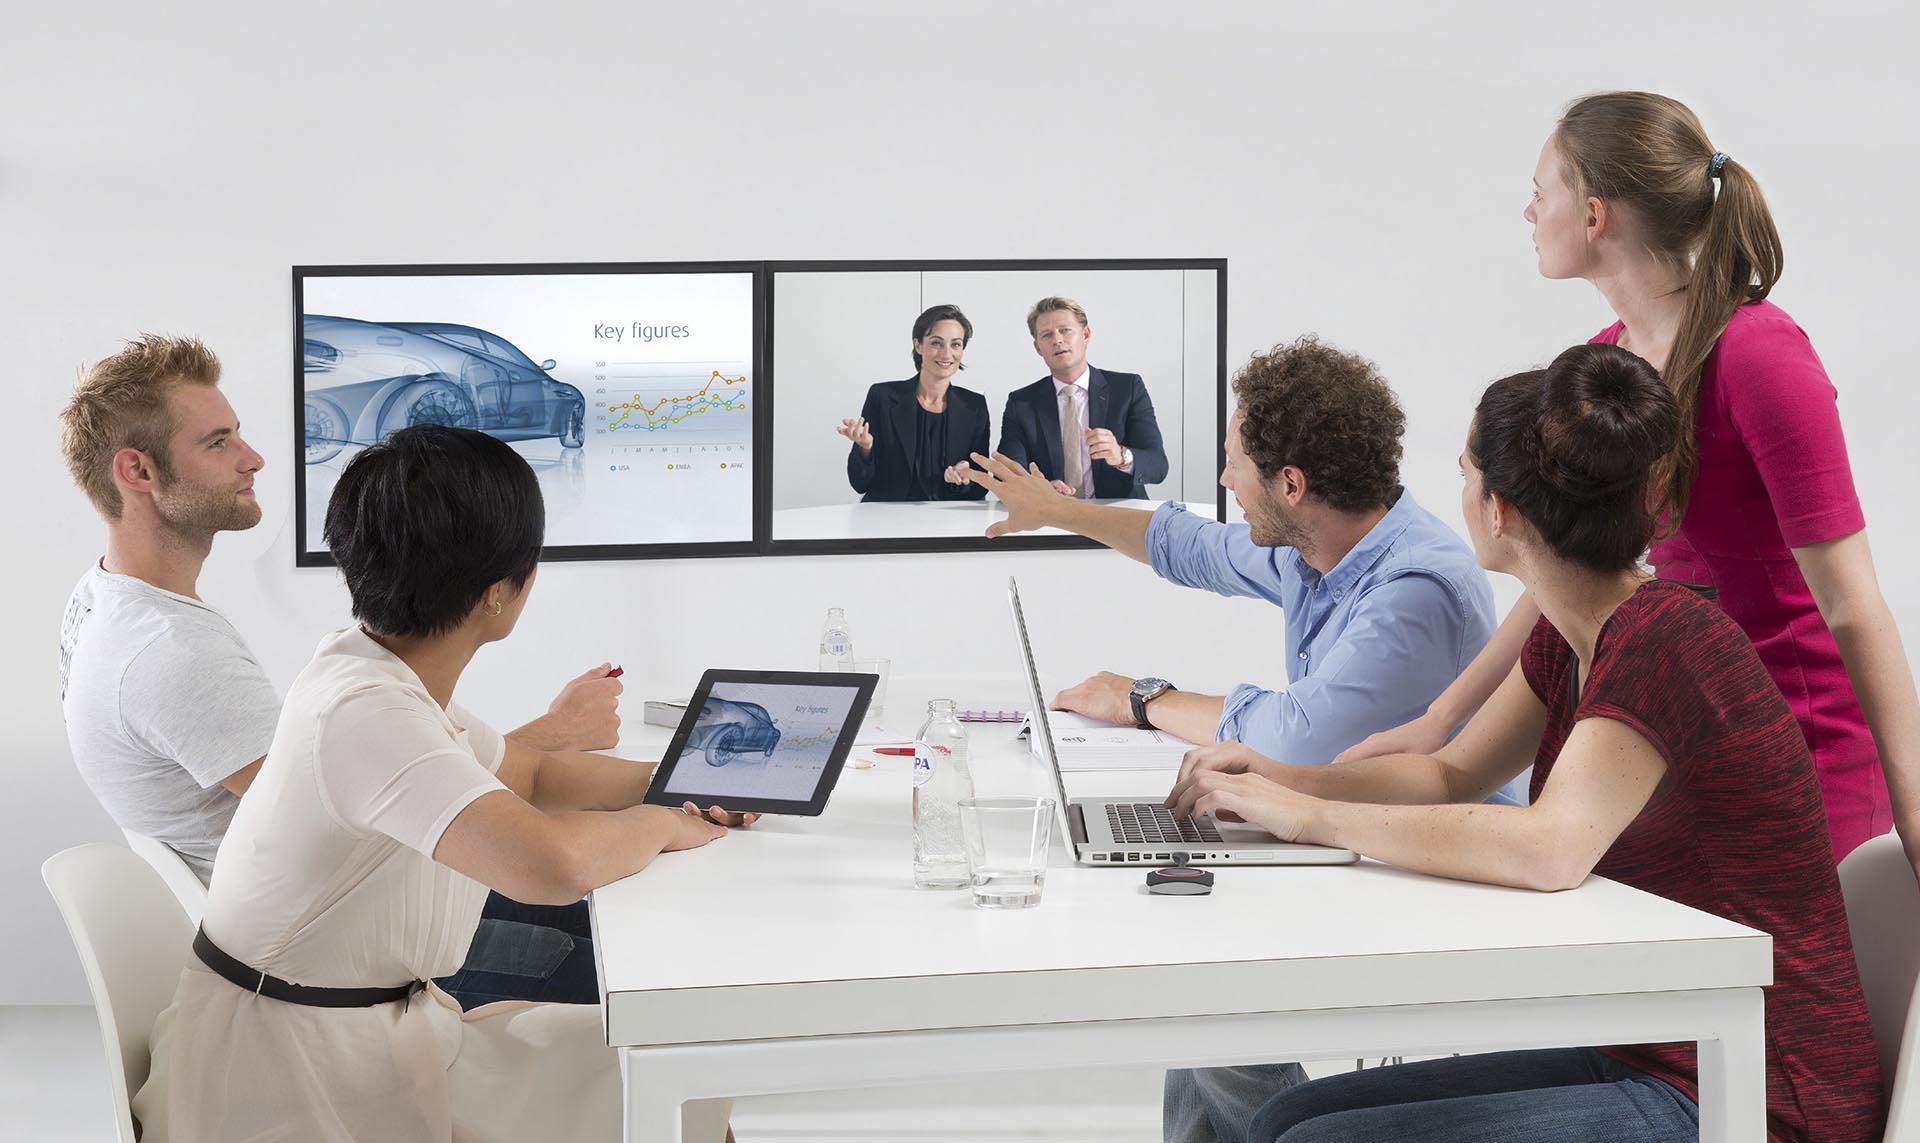 Вебинар: Как организовать видеообучение менеджеров в компании